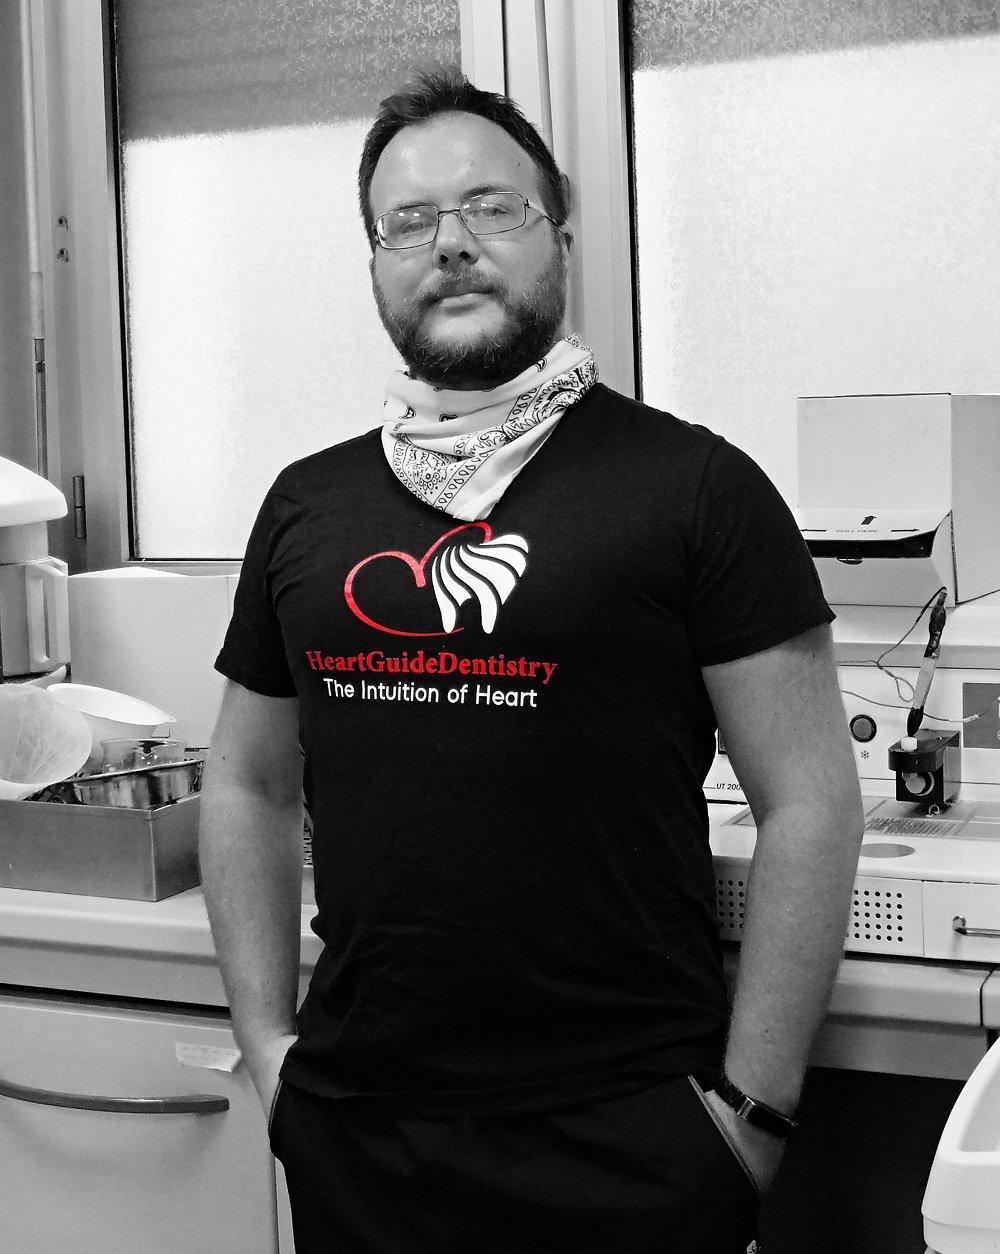 Dott. Paolo Savadori